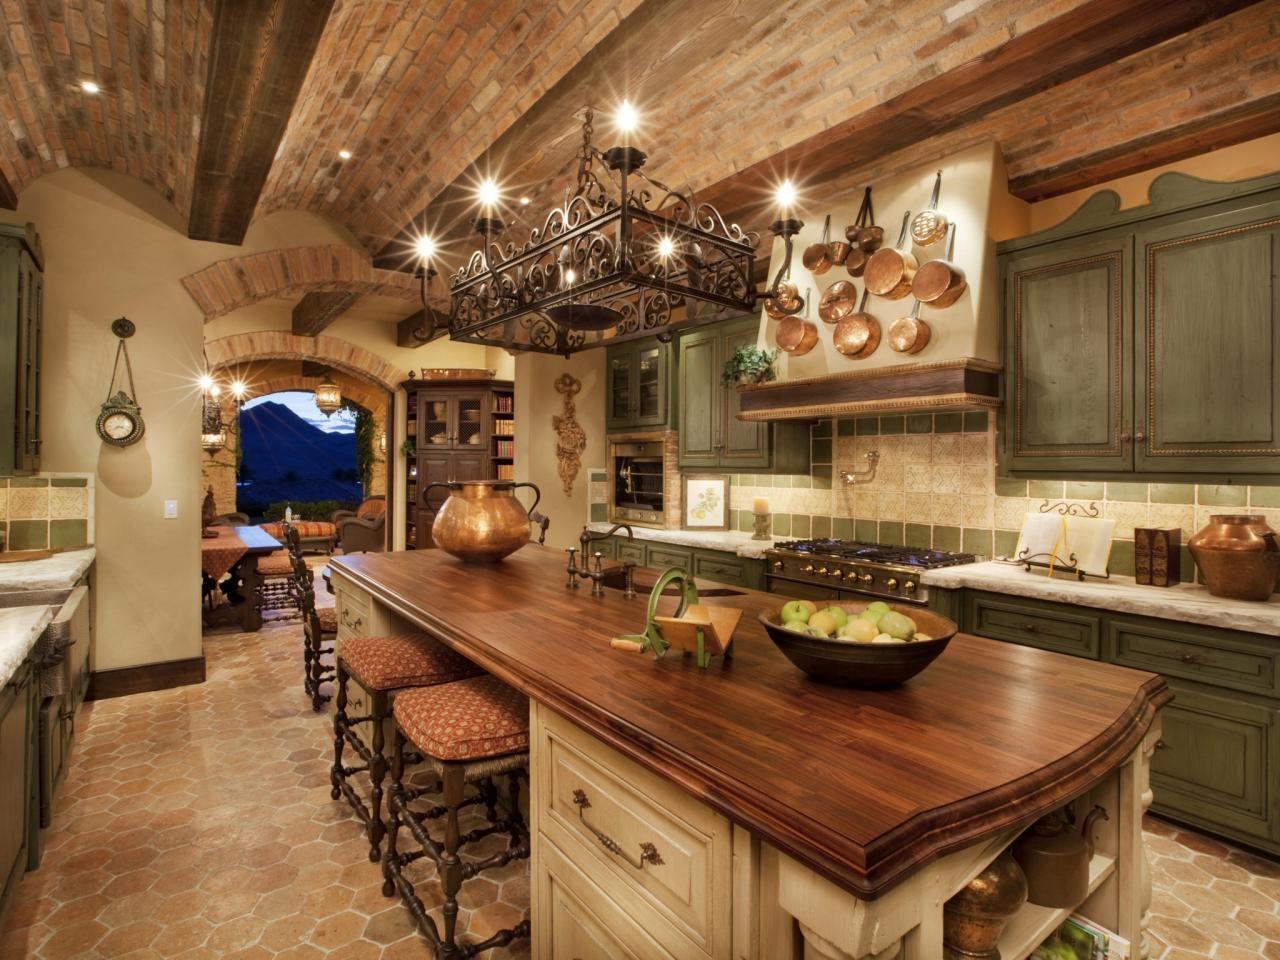 Best Kitchen Gallery: Luxury Tuscan Kitchen Ideas Italian Style White Kitchen Island of Tuscan Style Kitchen Hoods on rachelxblog.com